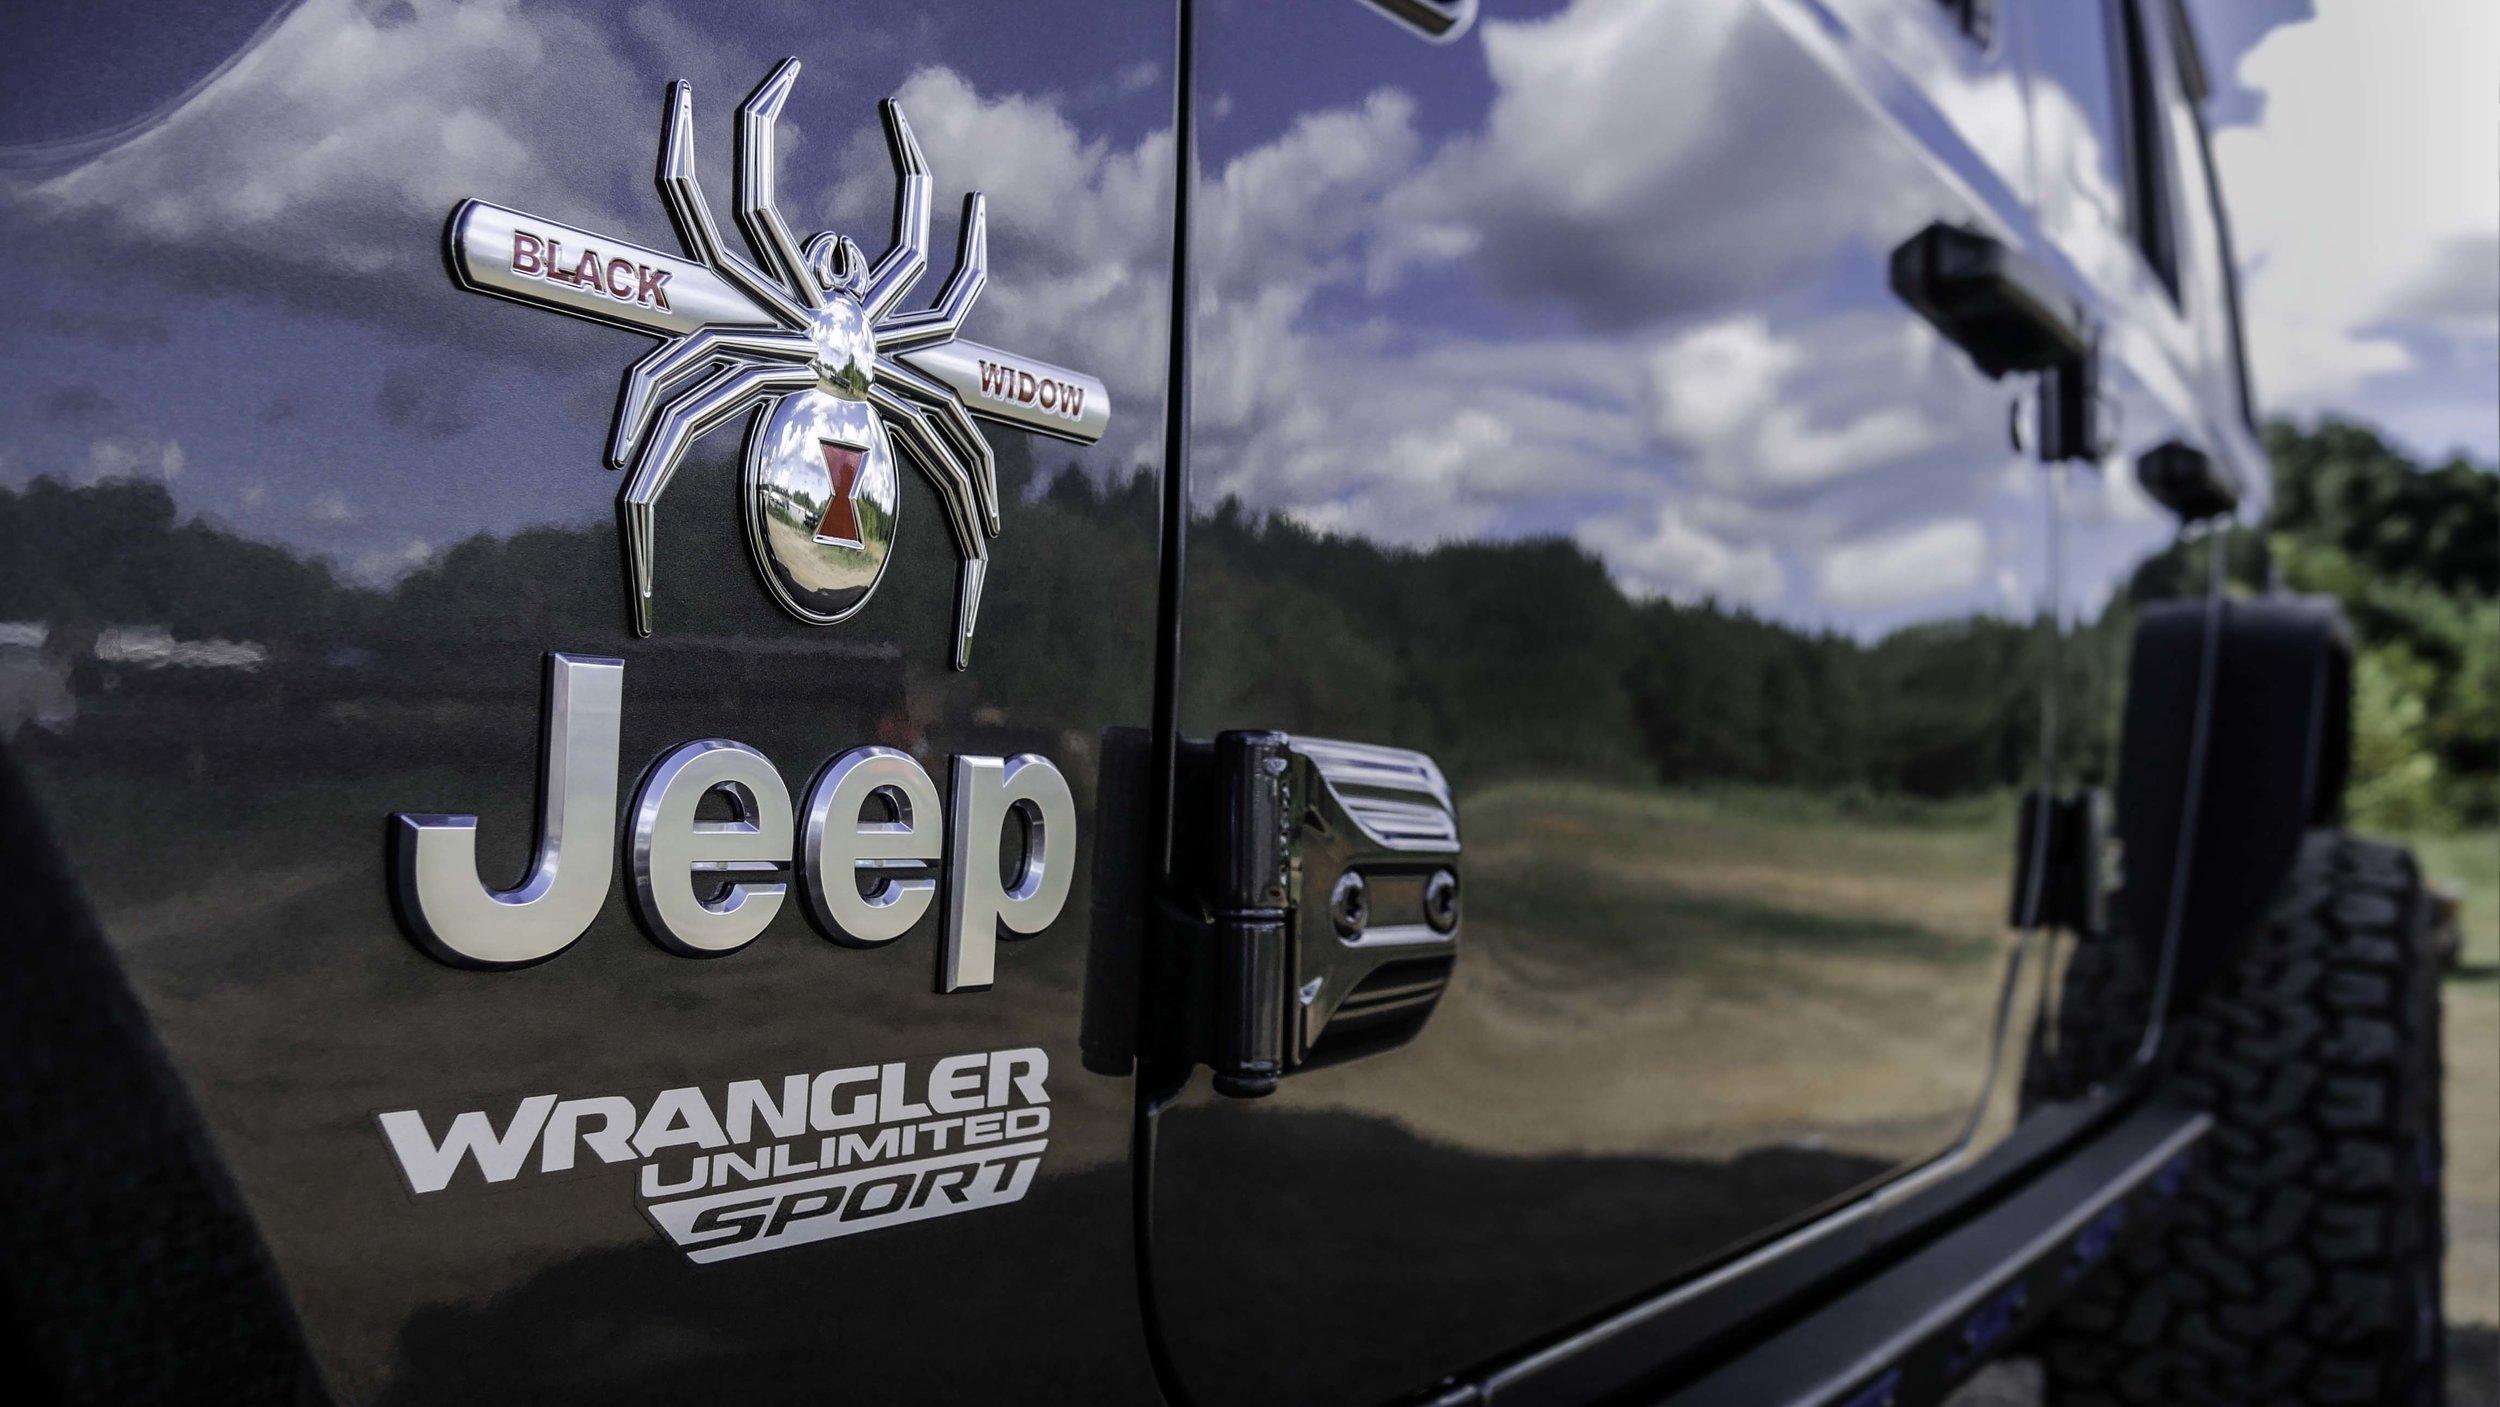 Jeep JL Black Widow Badge.jpg